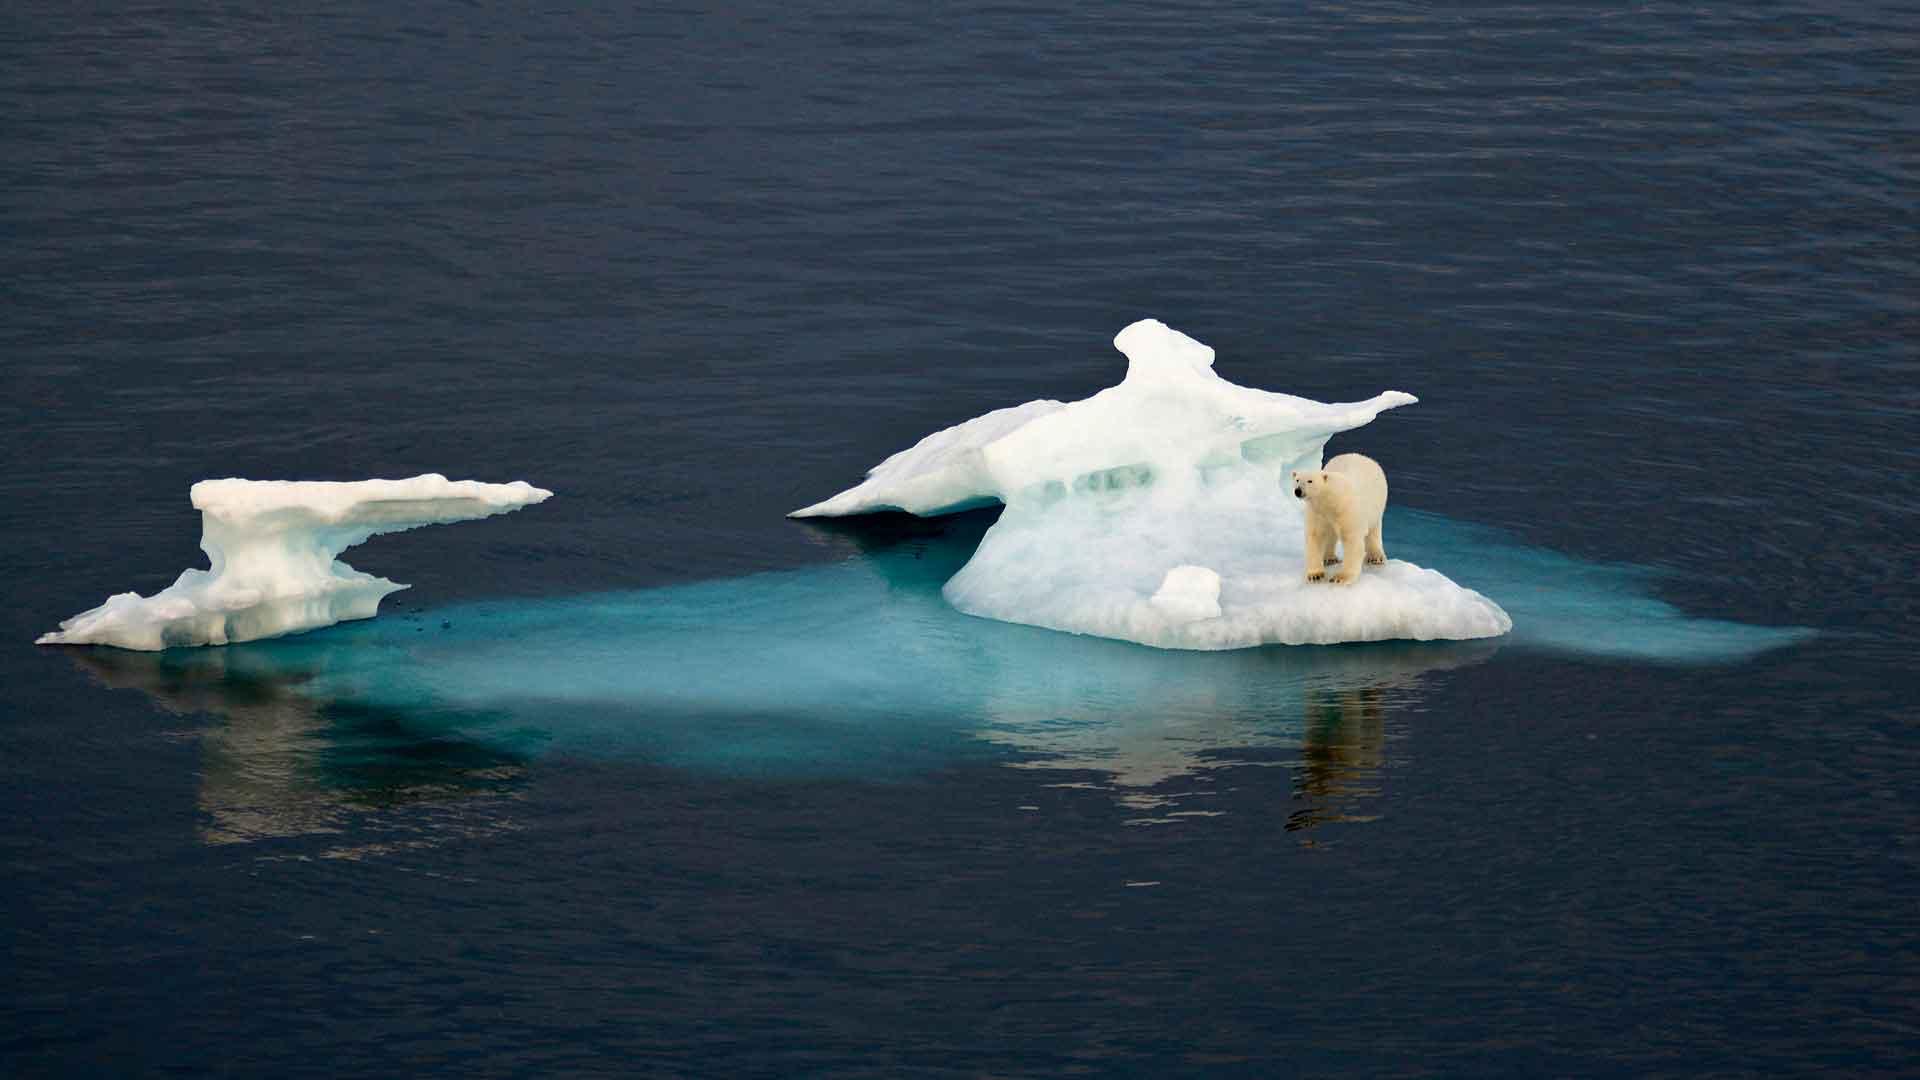 Белый медведь обитает на дрейфующих льдах, чтобы охотиться на добычу